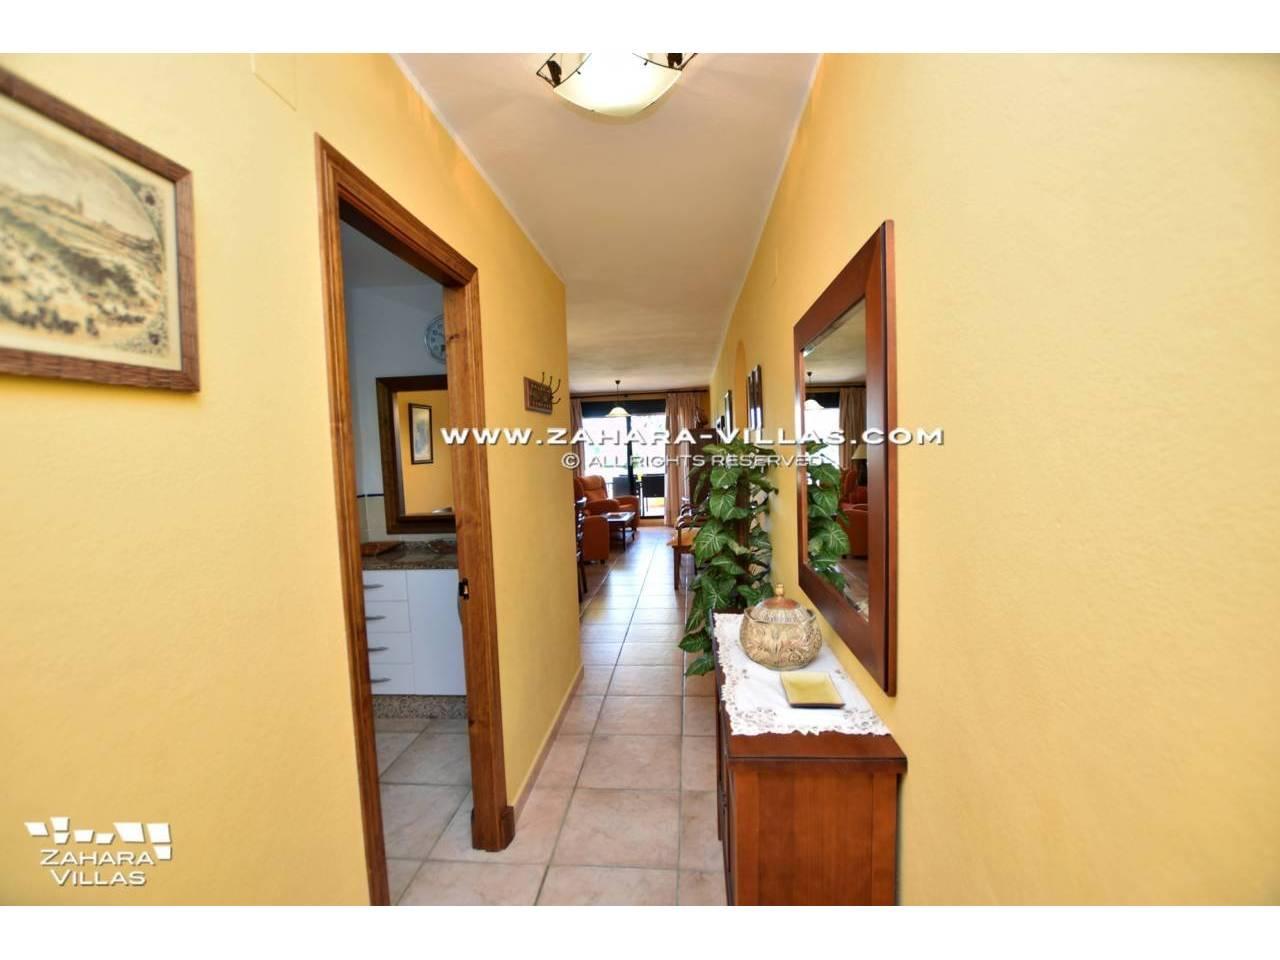 Imagen 2 de Apartamento en venta en urbanización Jardines de Zahara